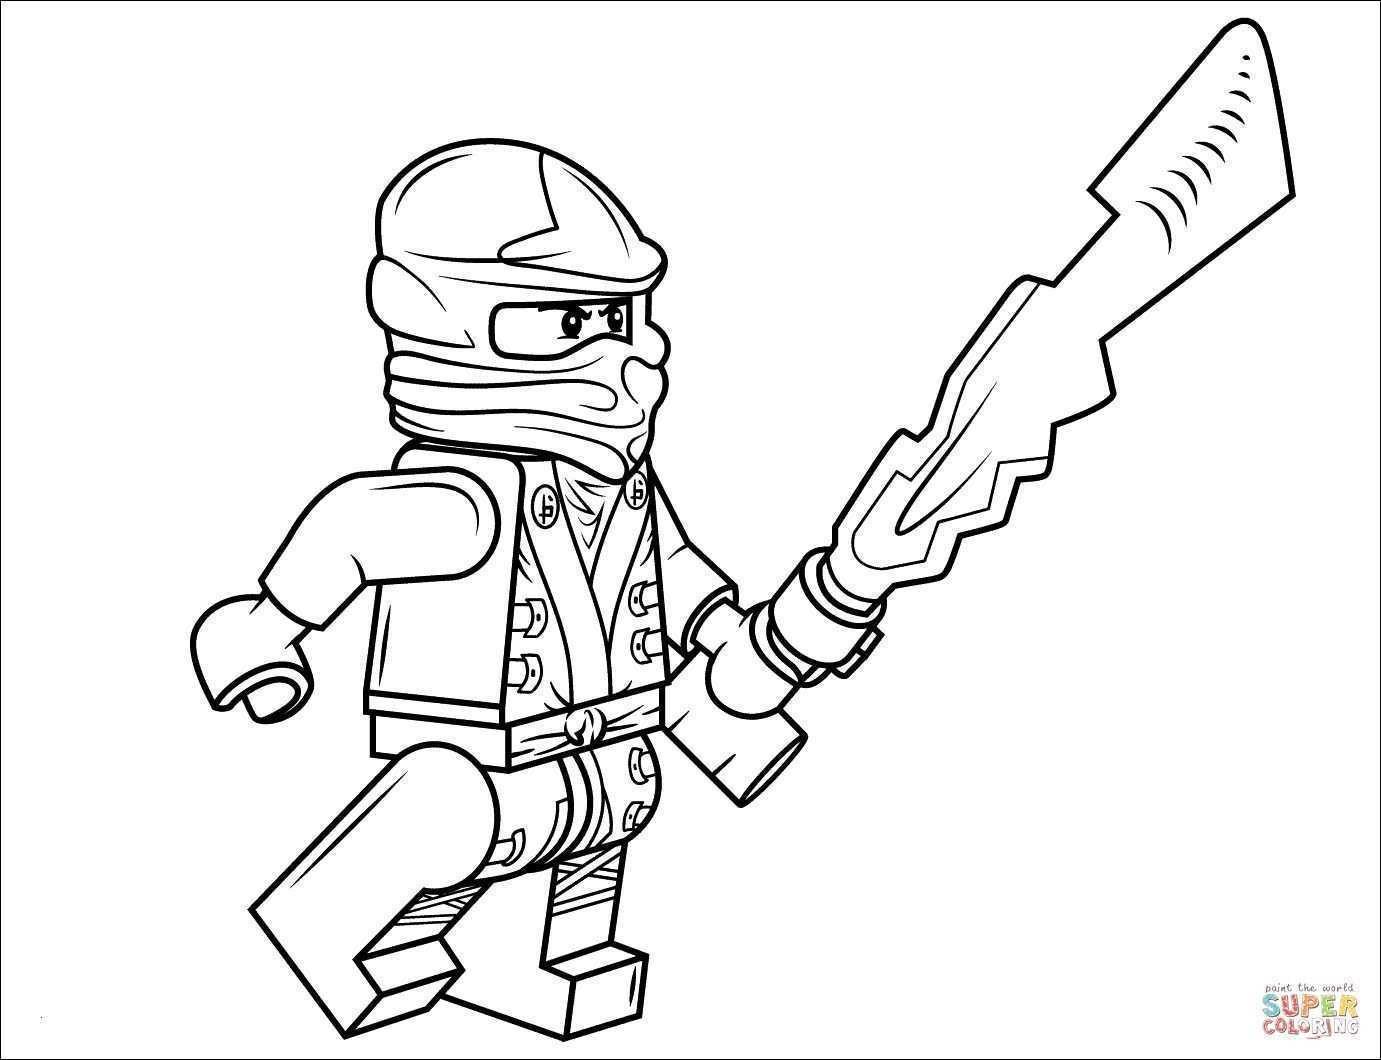 Ninjago Ausmalbilder Jay Inspirierend Ninjago Ausmalbilder Jay Idee – Ausmalbilder Ideen Bild